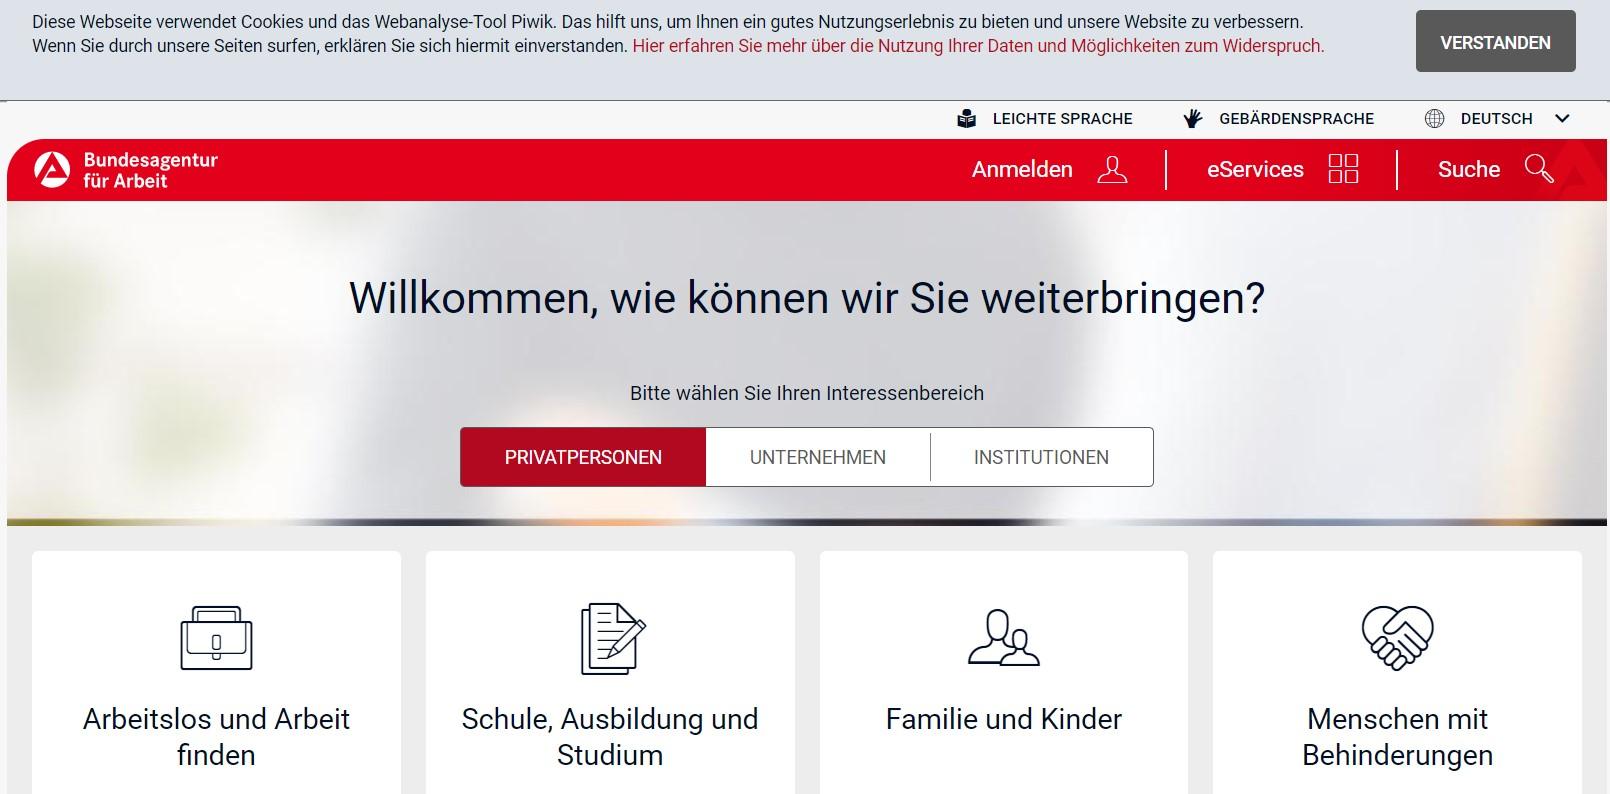 Сайт поиска работы arbeitsagentur.de